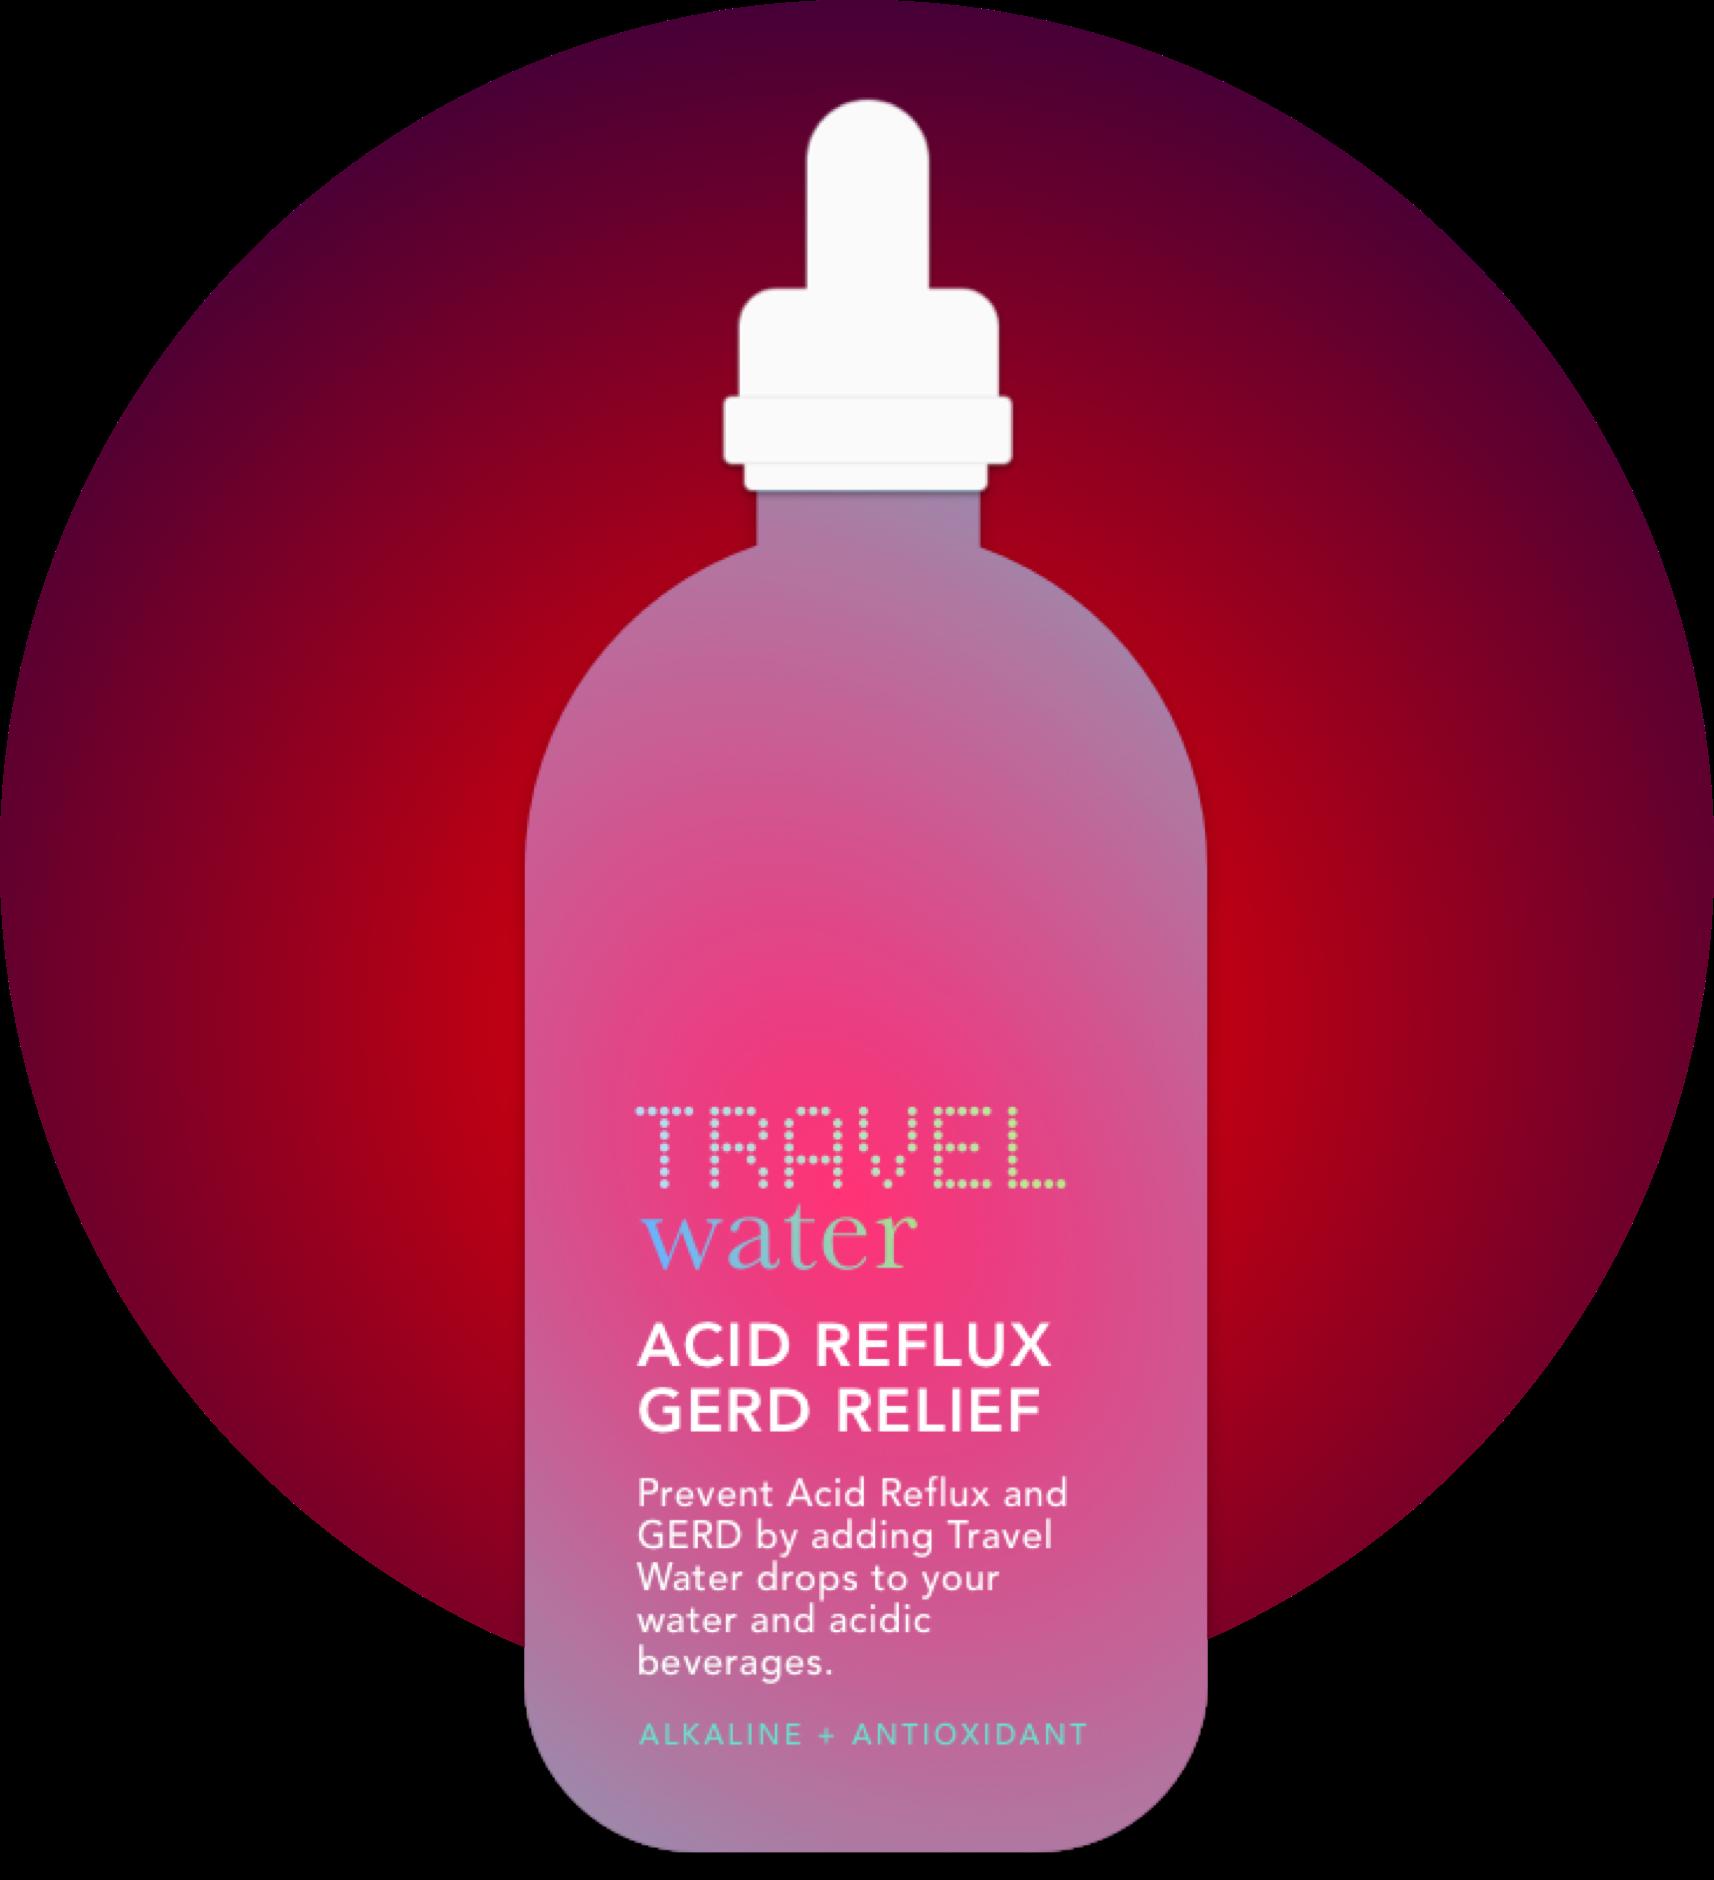 Travel-Acid-Reflux-Prevention-Water-Alkaline-Antioxidant-Water-Pure